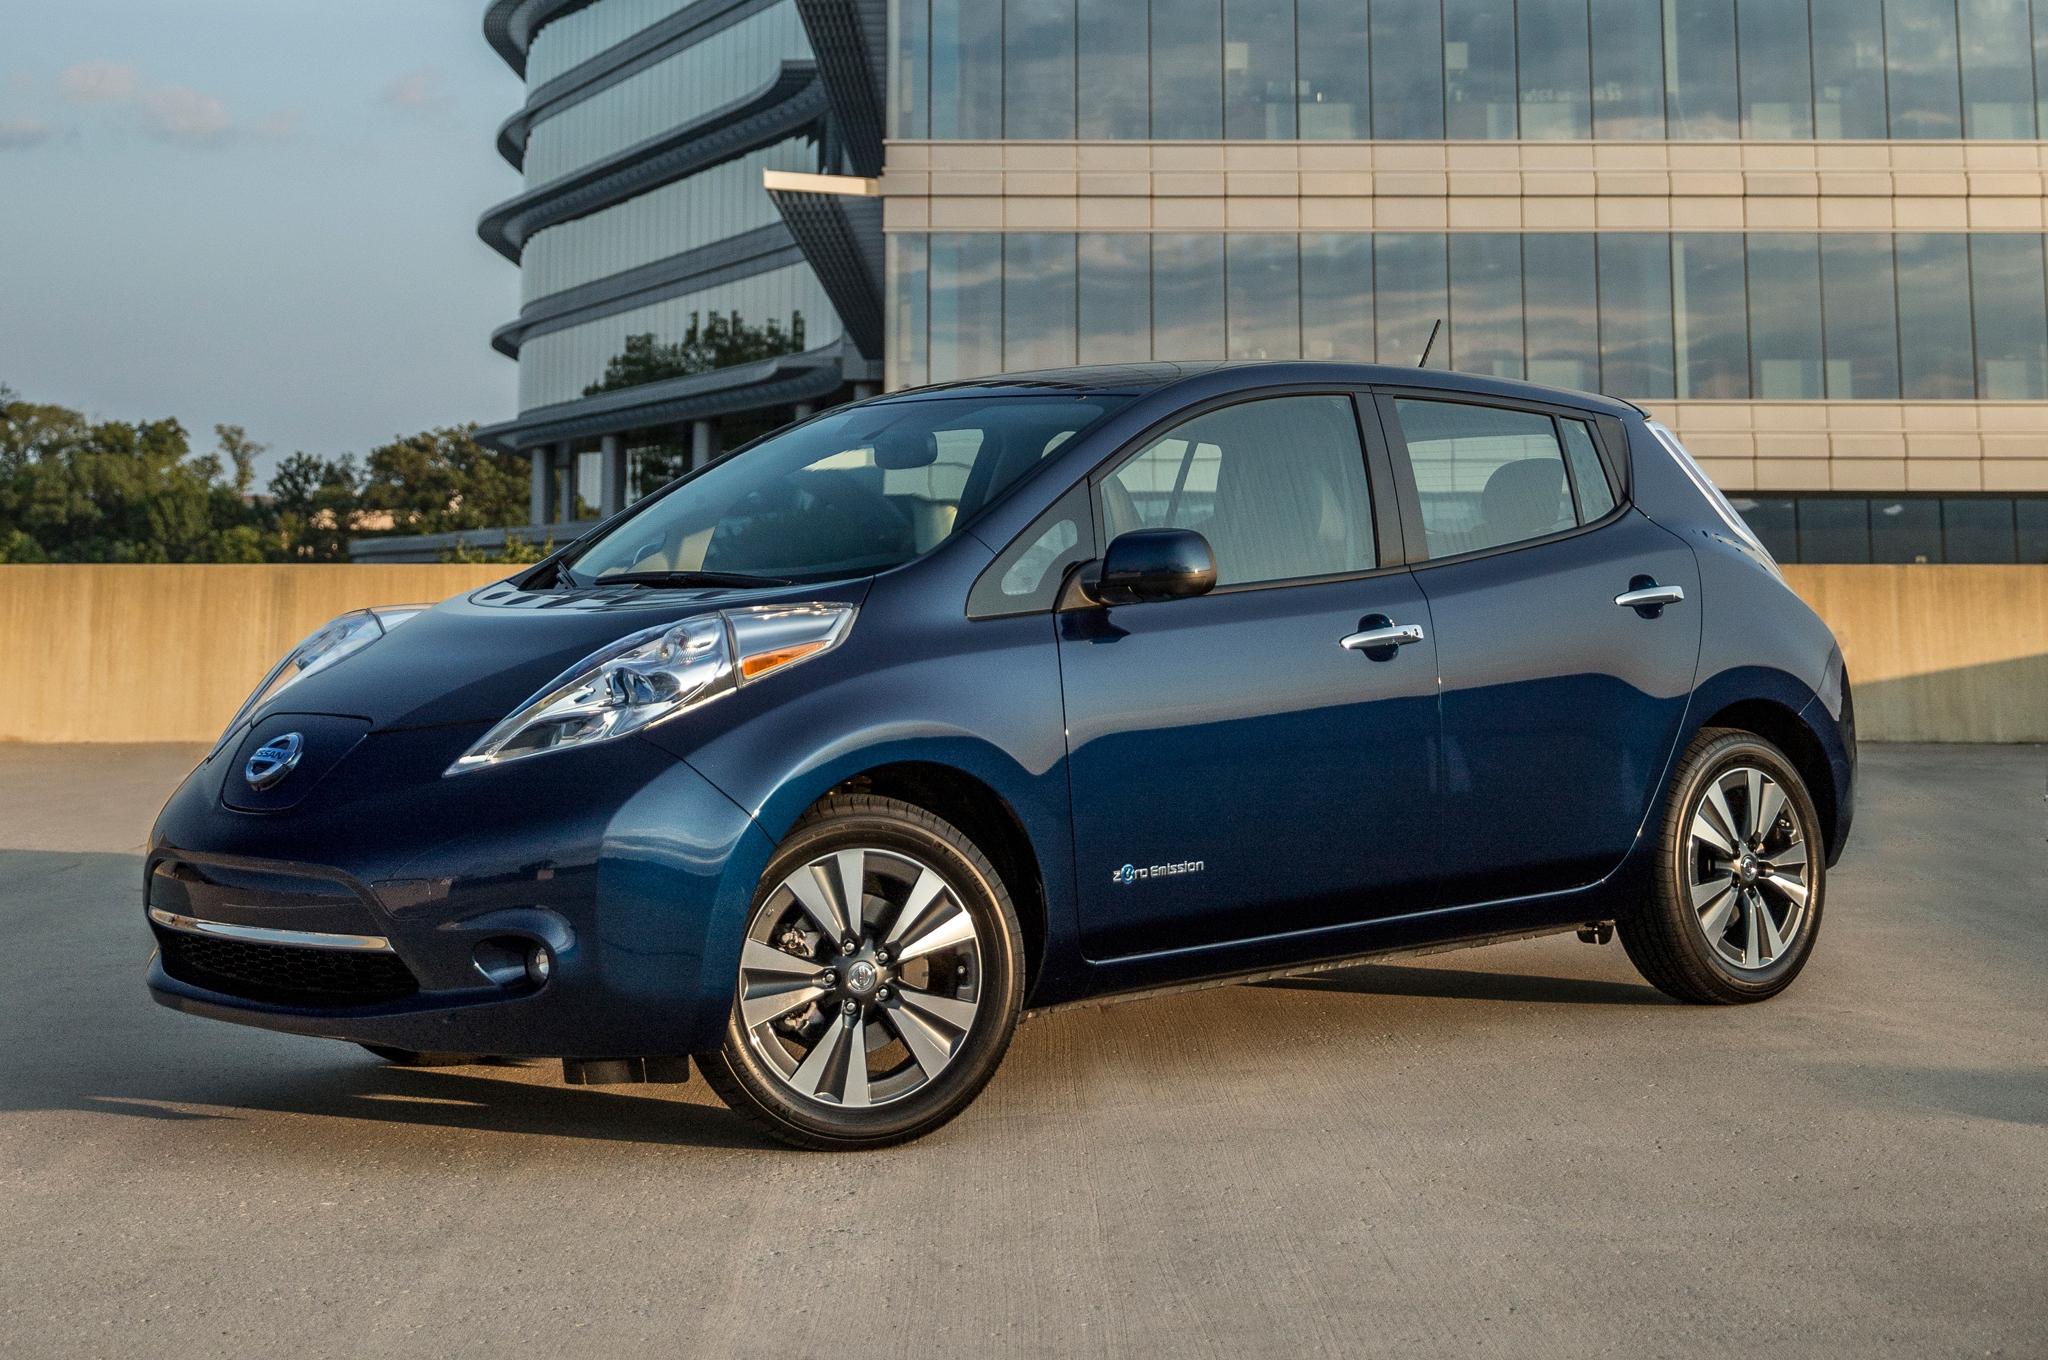 Один и тот же Nissan в разных странах стоит по разному - разница в 4 раза